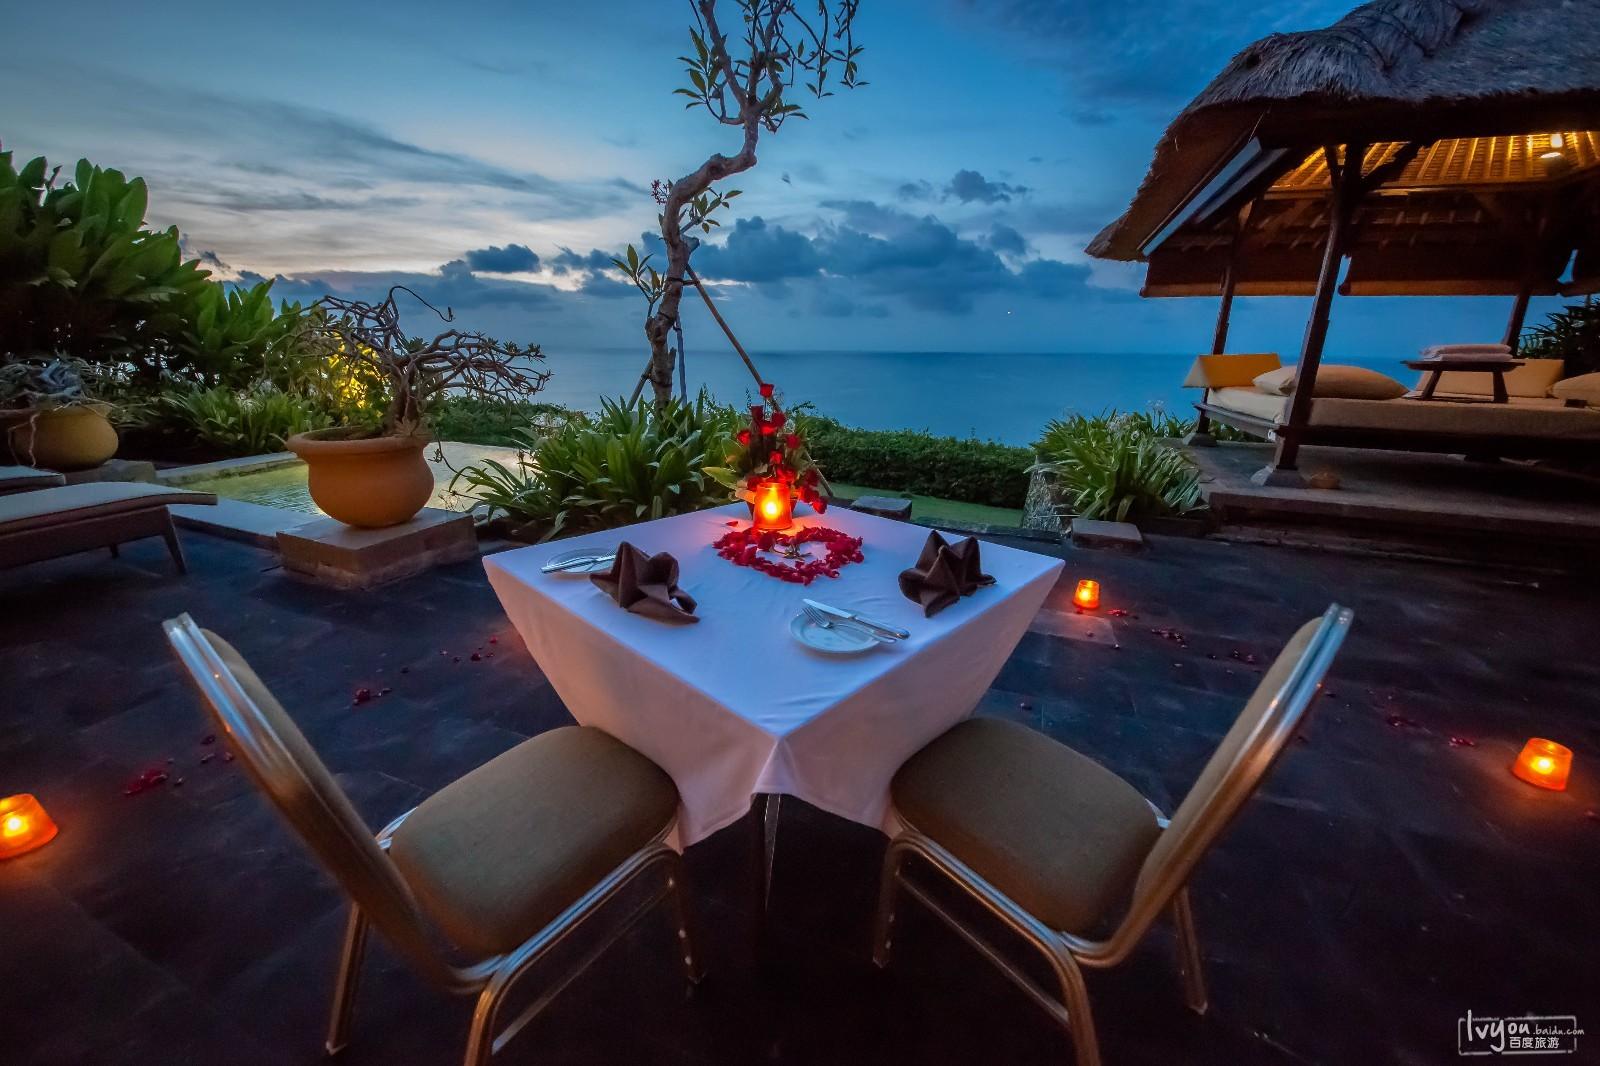 南纬8度巴厘岛,在这个与神共存的国度,见证我们婚后第